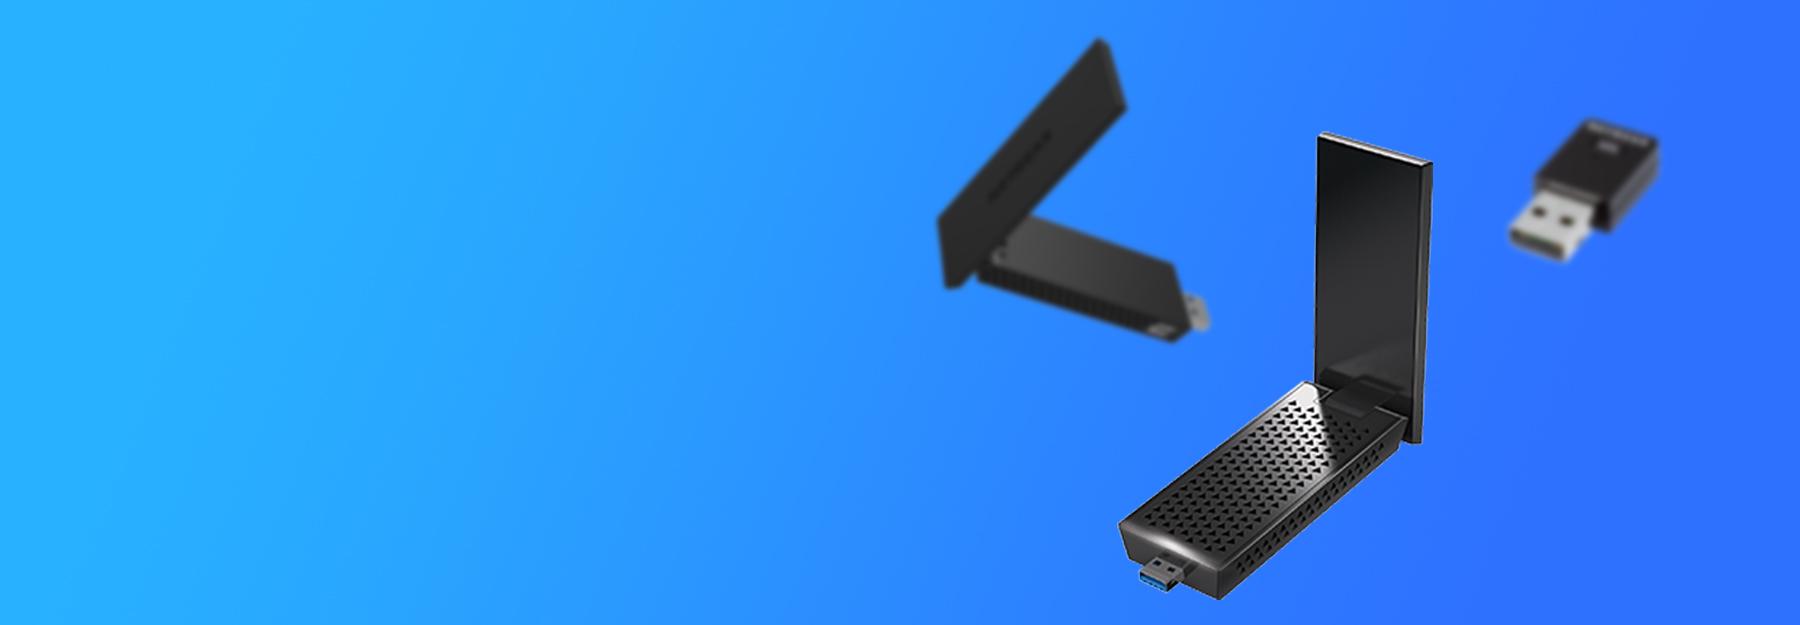 WiFi Adapters   USB WiFi   NETGEAR